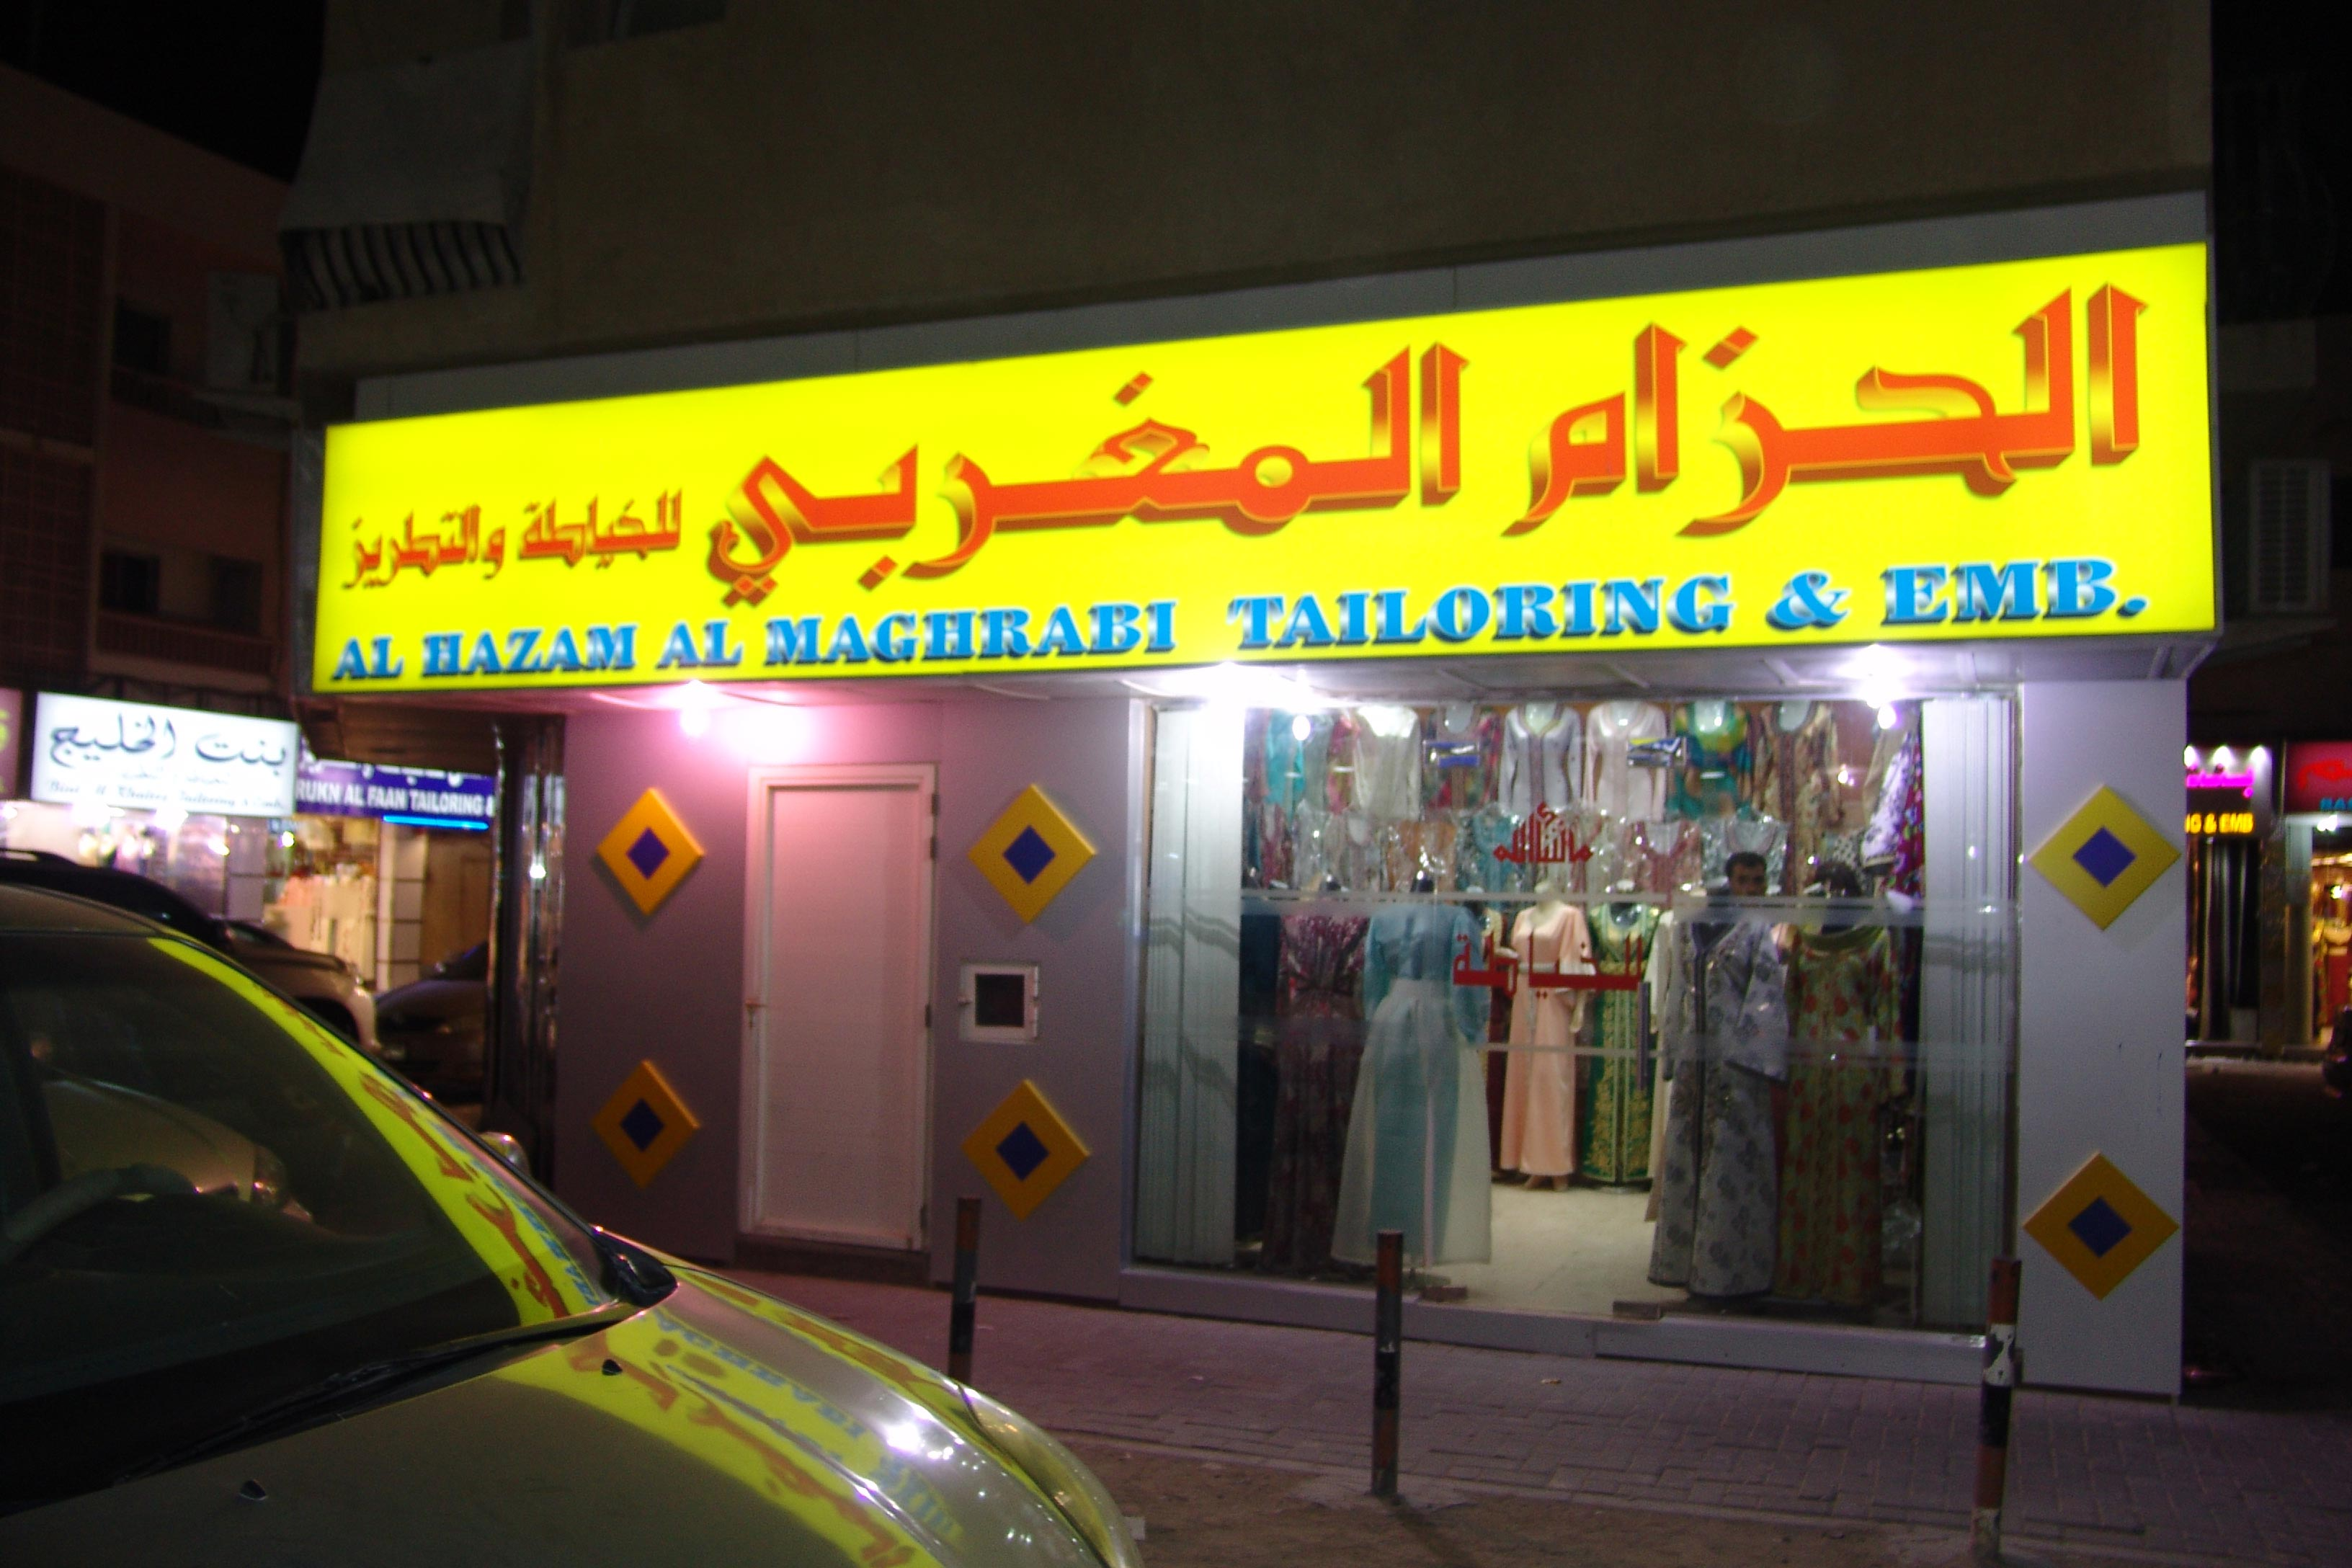 Al Hazam Al Maghrabi tailoring & Emb - 1.jpg